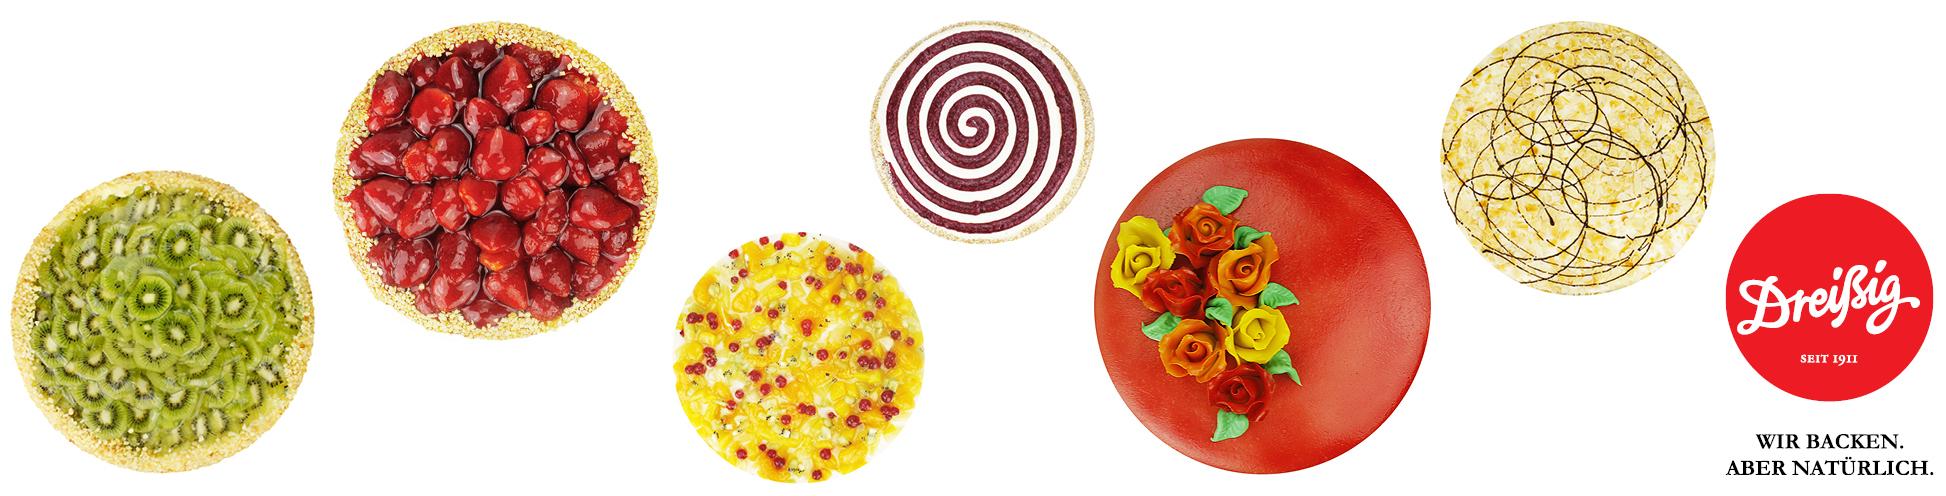 Unsere Tortenvielfalt